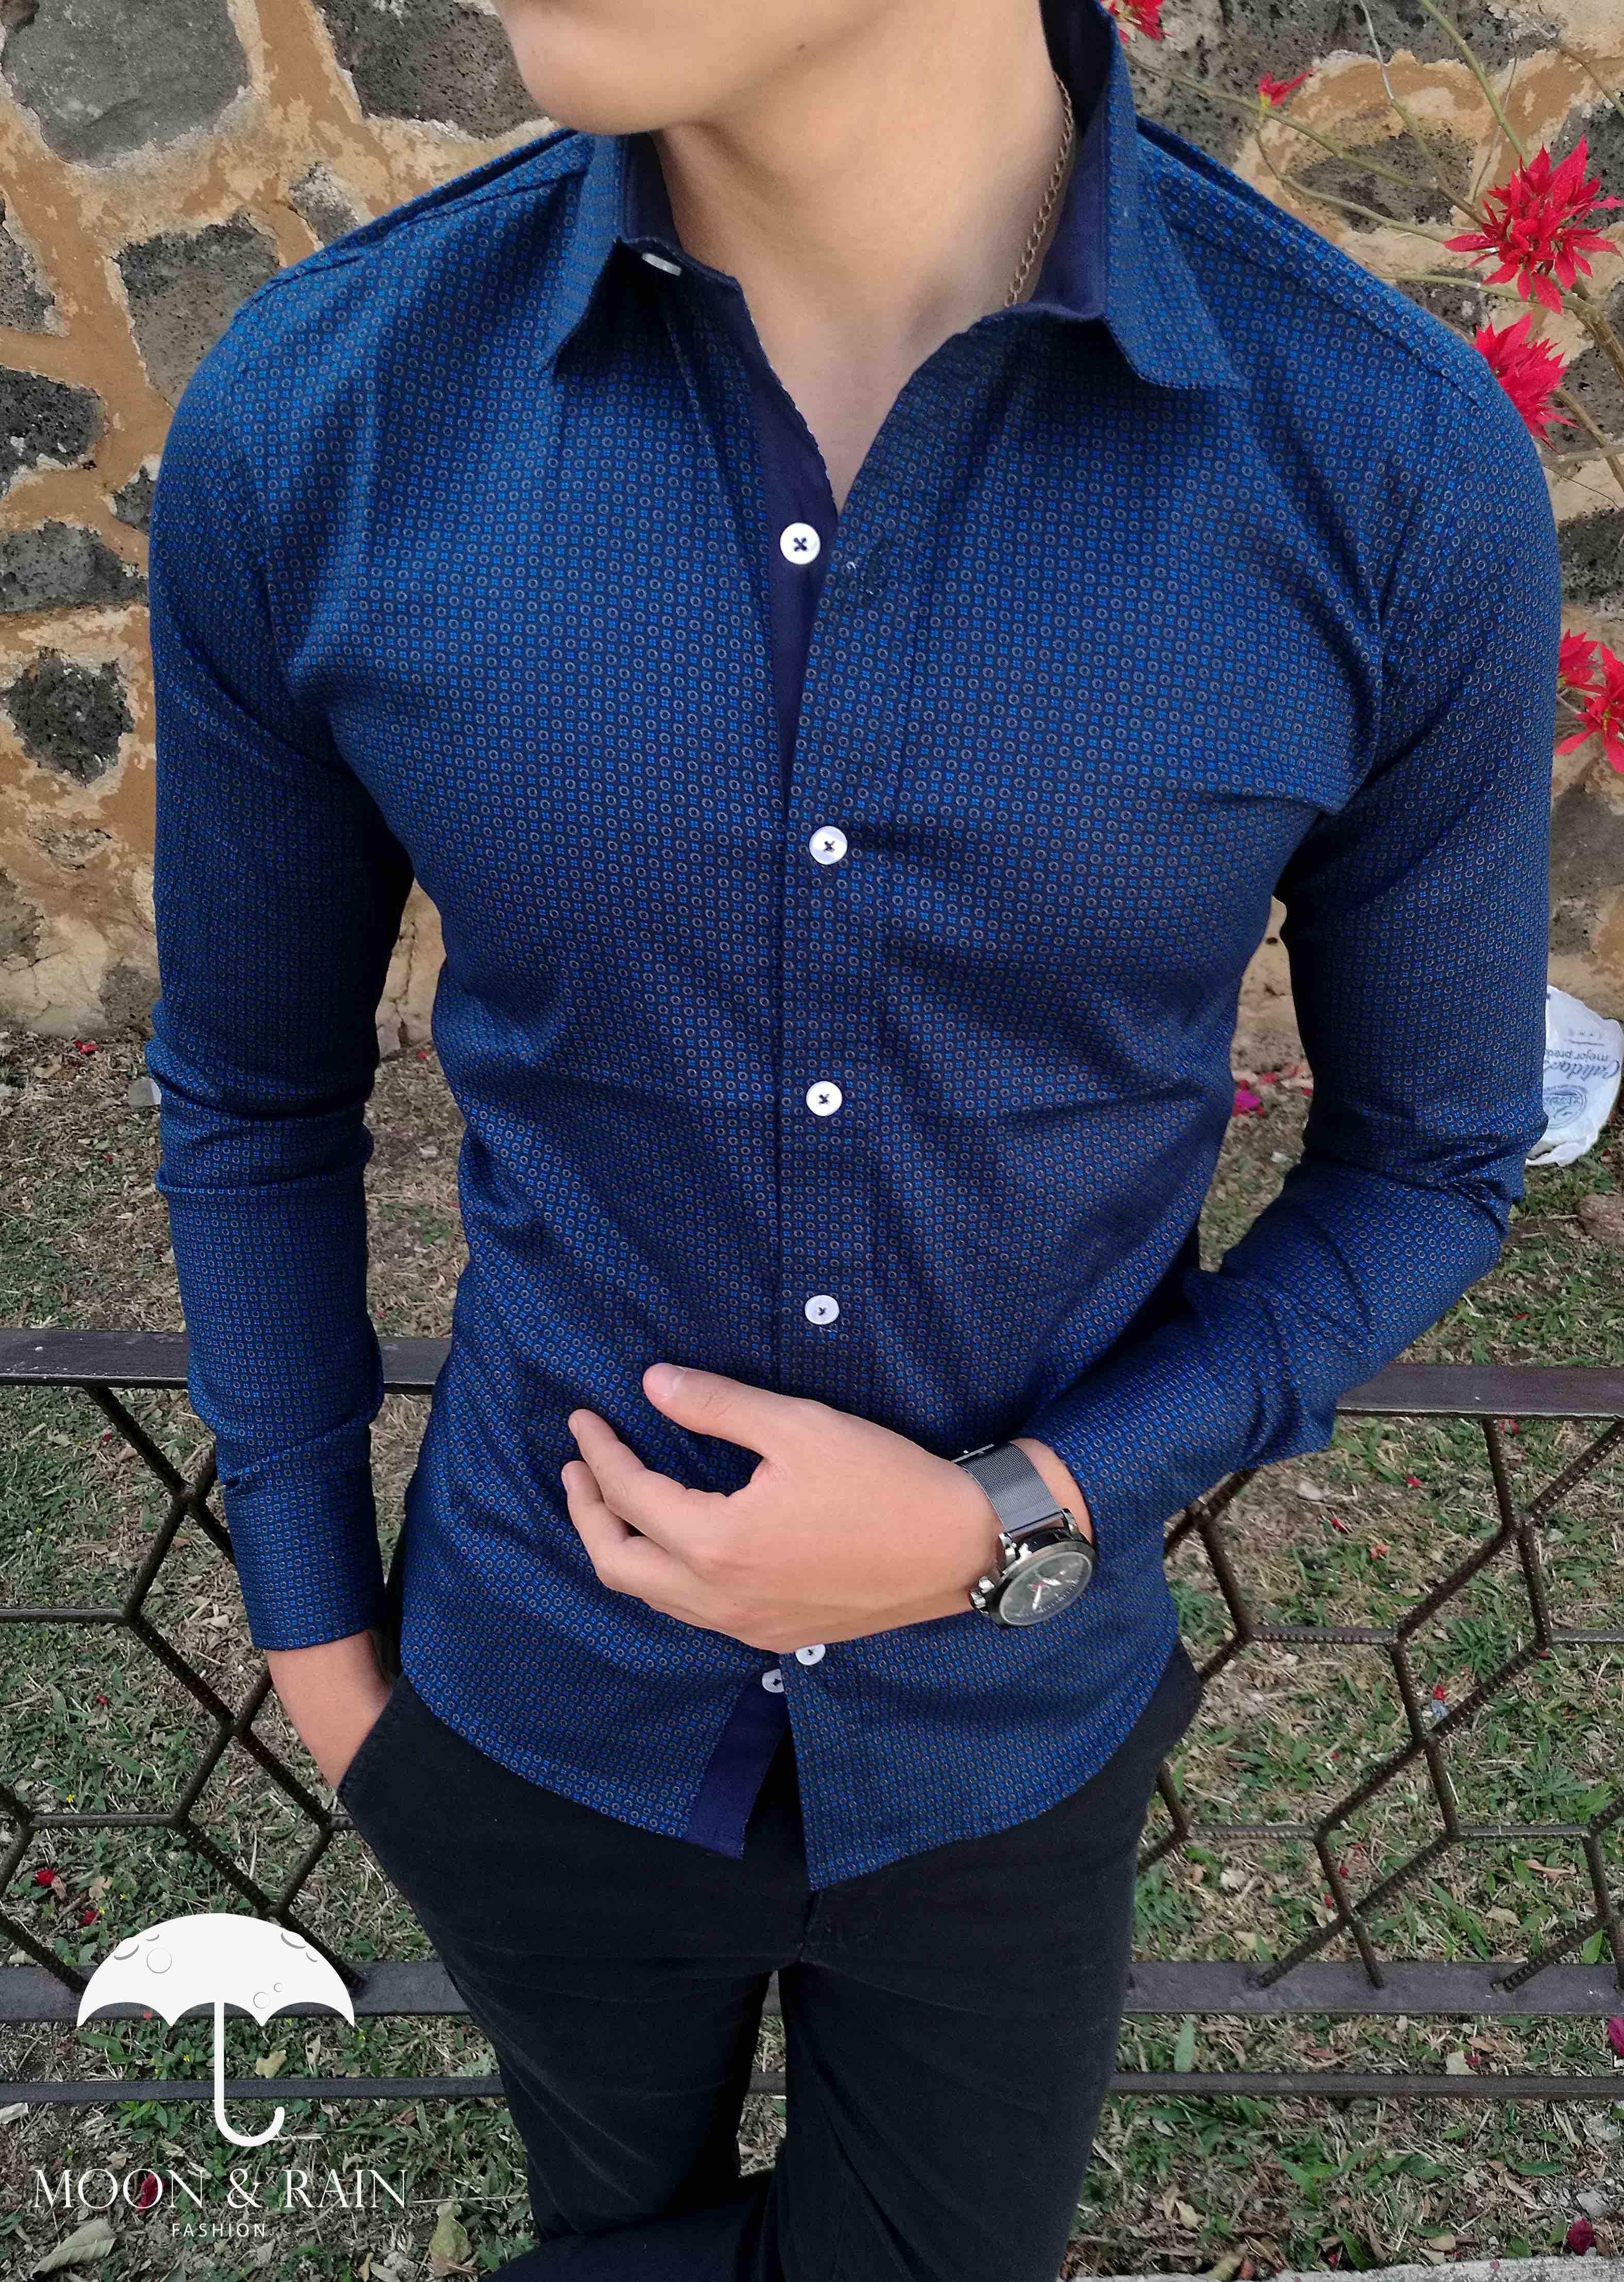 9305c5de59 Diseños de camisas de lujo para hombre en México y el mundo! Marca Moon    Rain